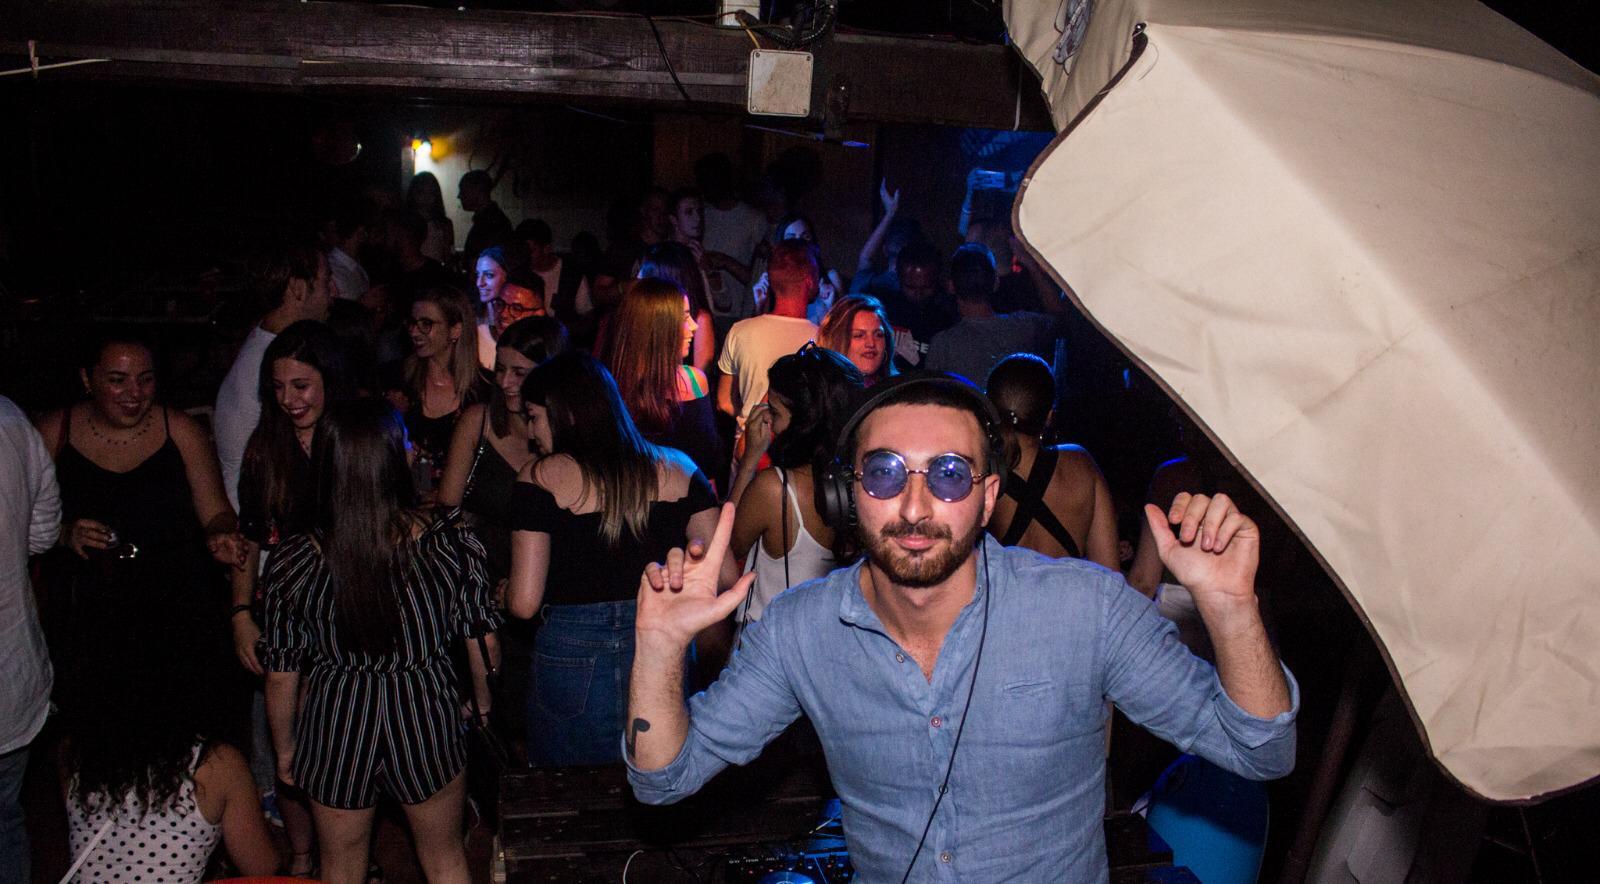 theWise incontra: Giuseppe Salustri, da Capistrello a Ibiza